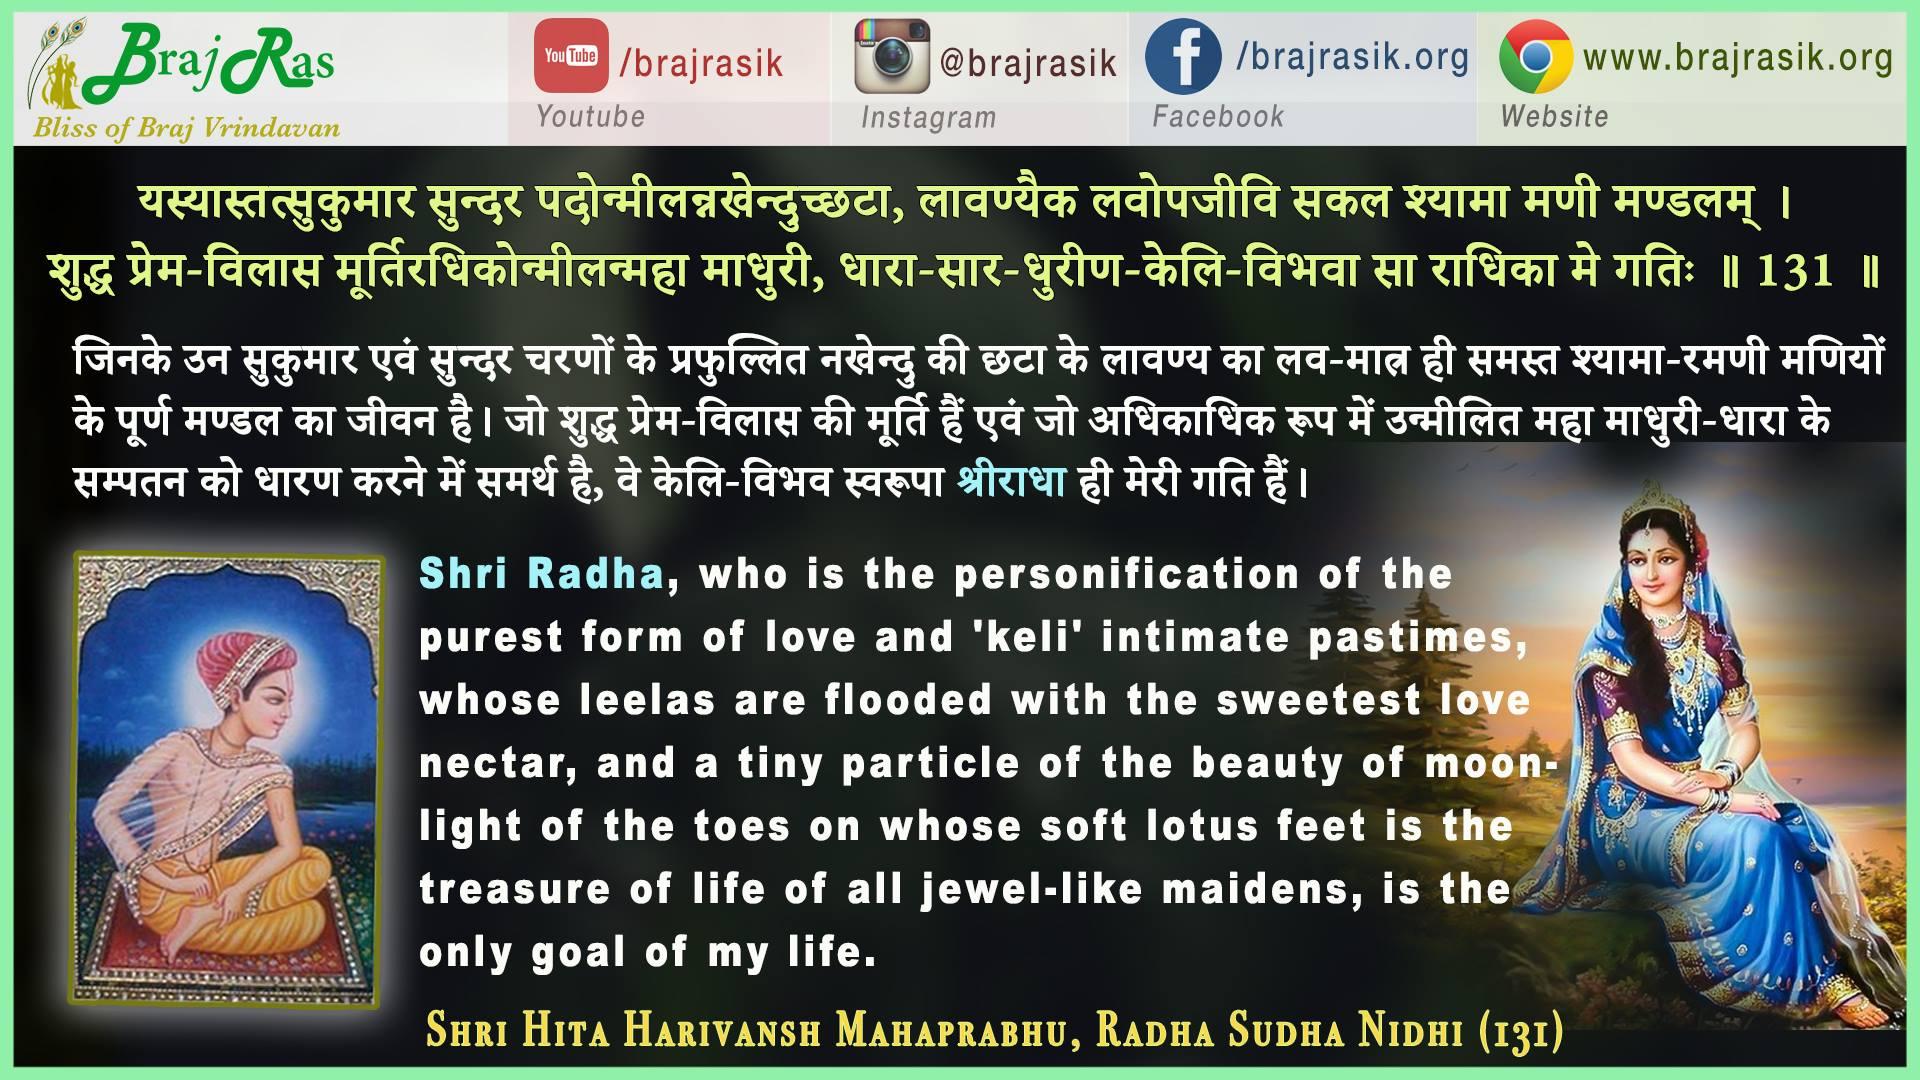 Yasya Tat Sukumar Sundar Padonmilan Nakhendu Chata - Shri Radha Sudha Nidhi (131)